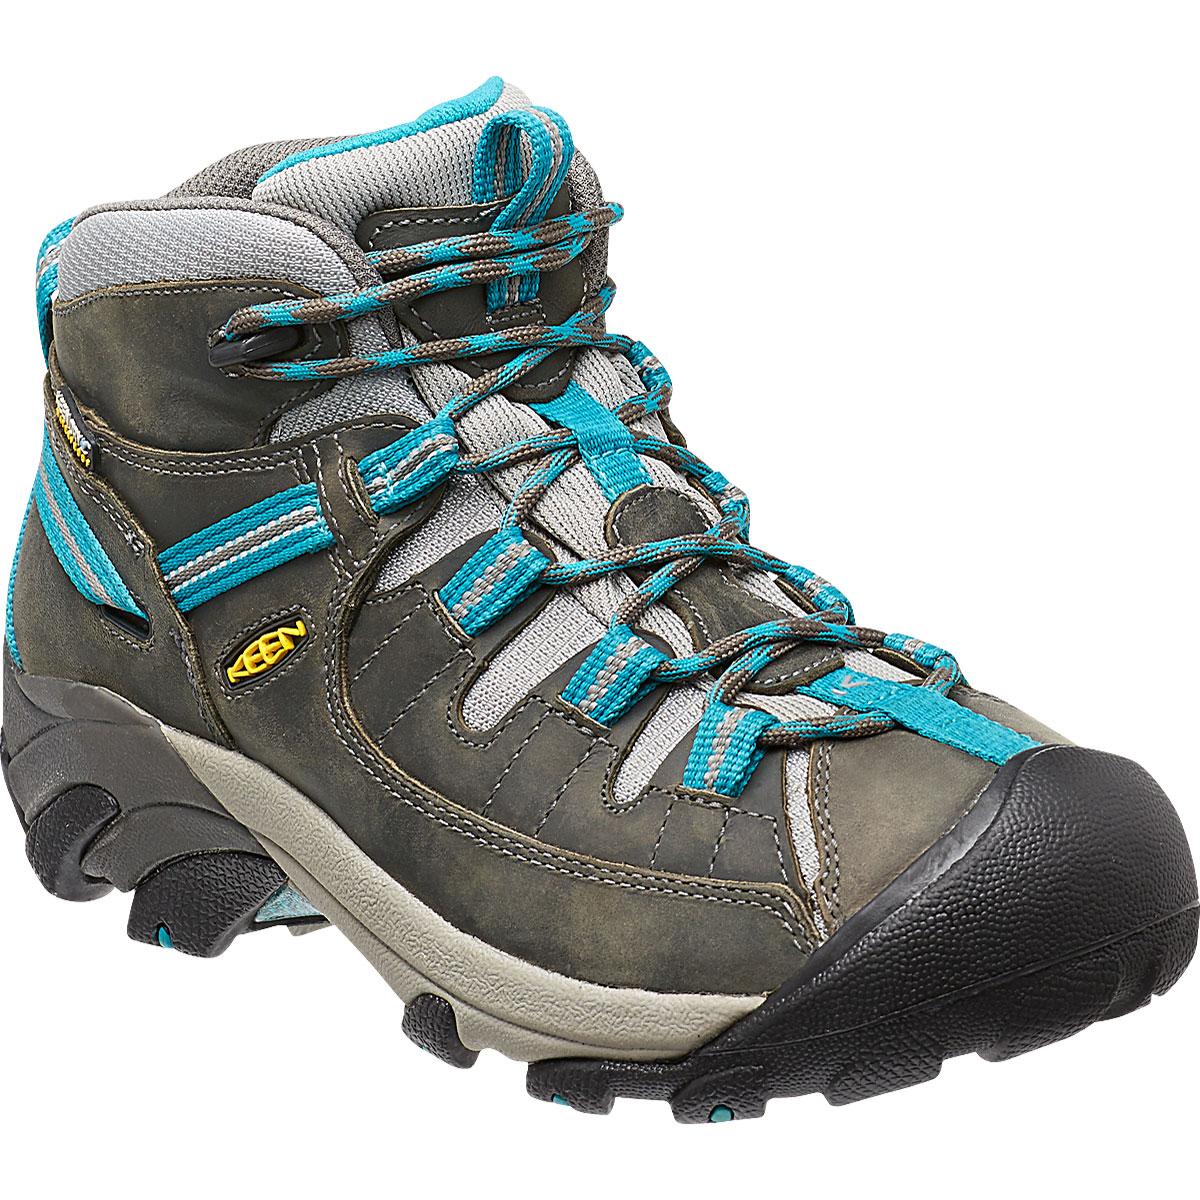 Keen Women's Targhee Ii Mid Waterproof Hiking Boots, Gargoyle/caribbean Sea - Black, 11